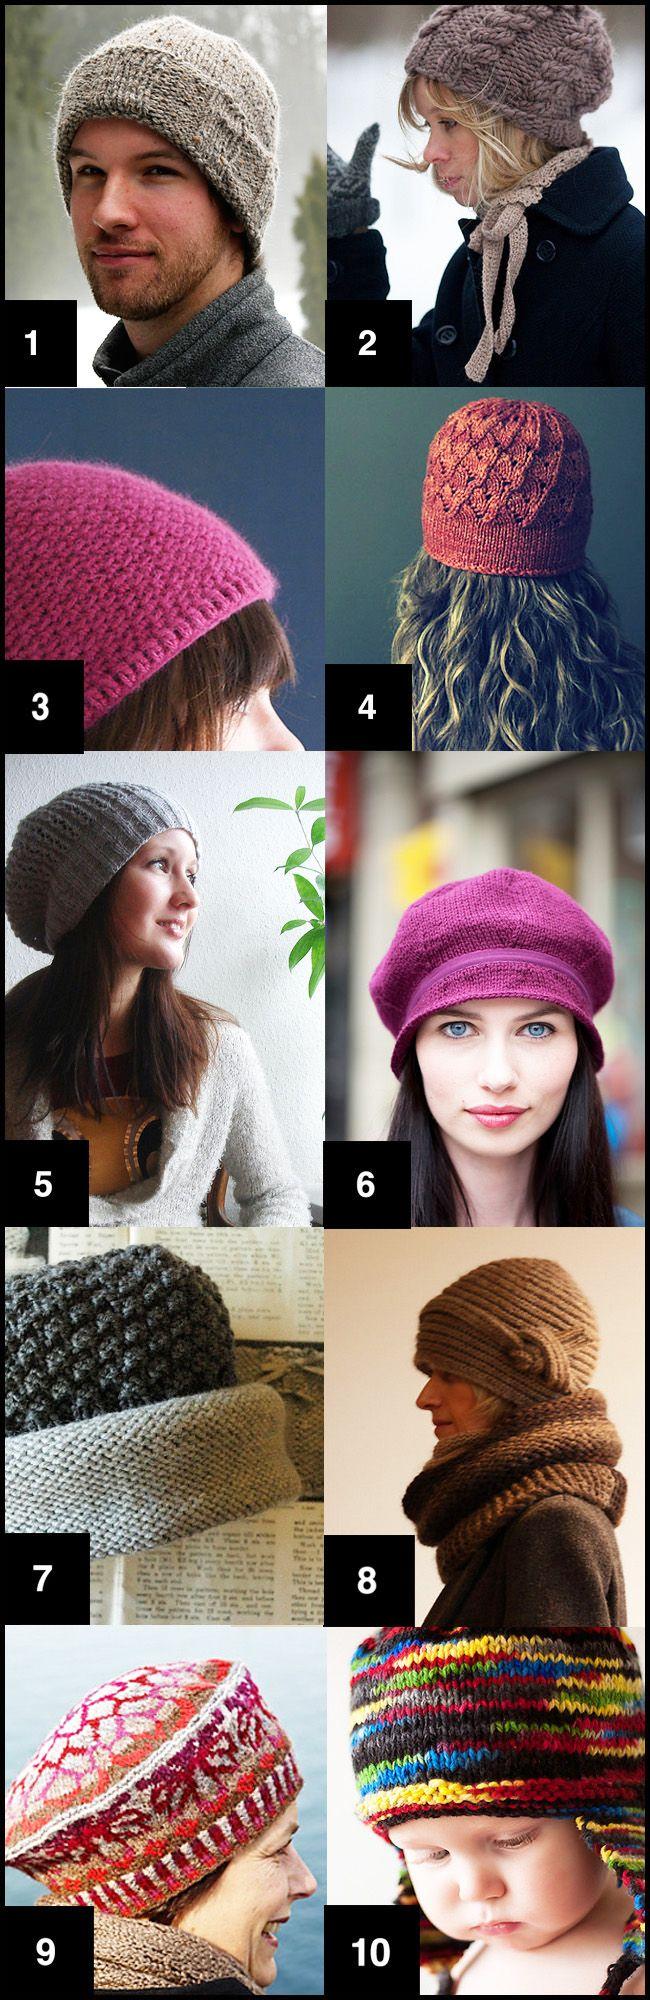 Ten free hat patterns.